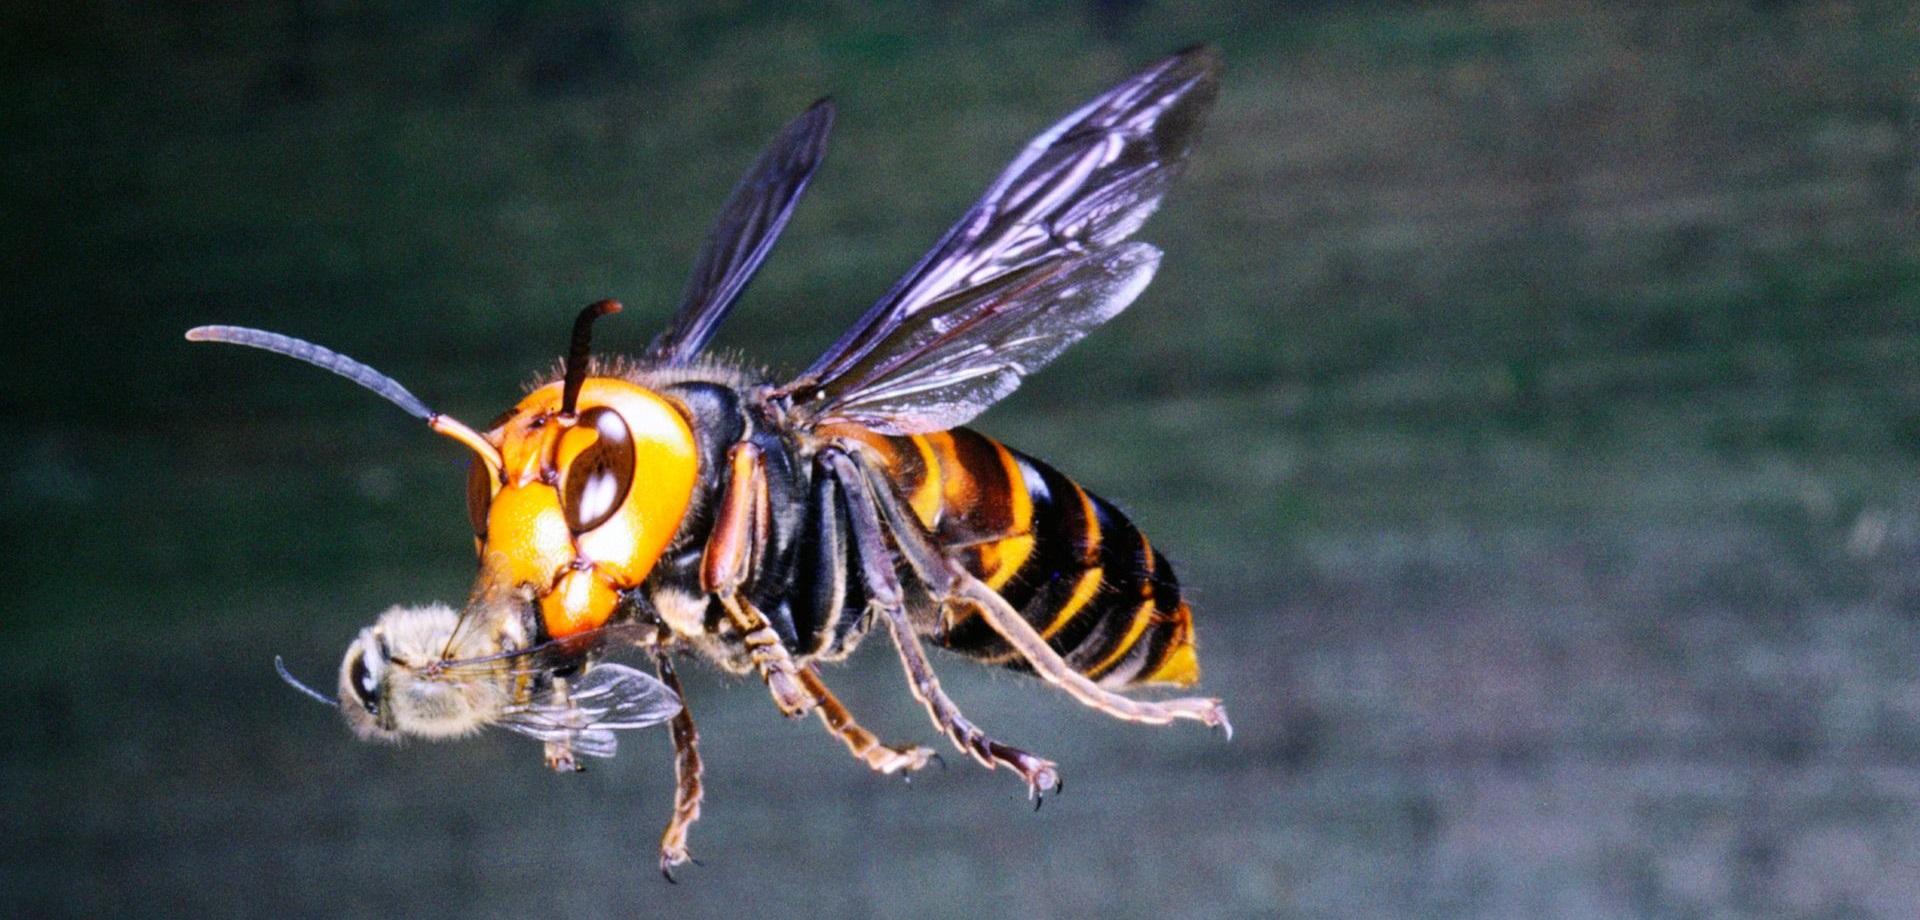 Вредители пчел могут серьезно навредить пчеловодству без принятия всех необходимых мер, нацеленных на защиту пчелосемьи